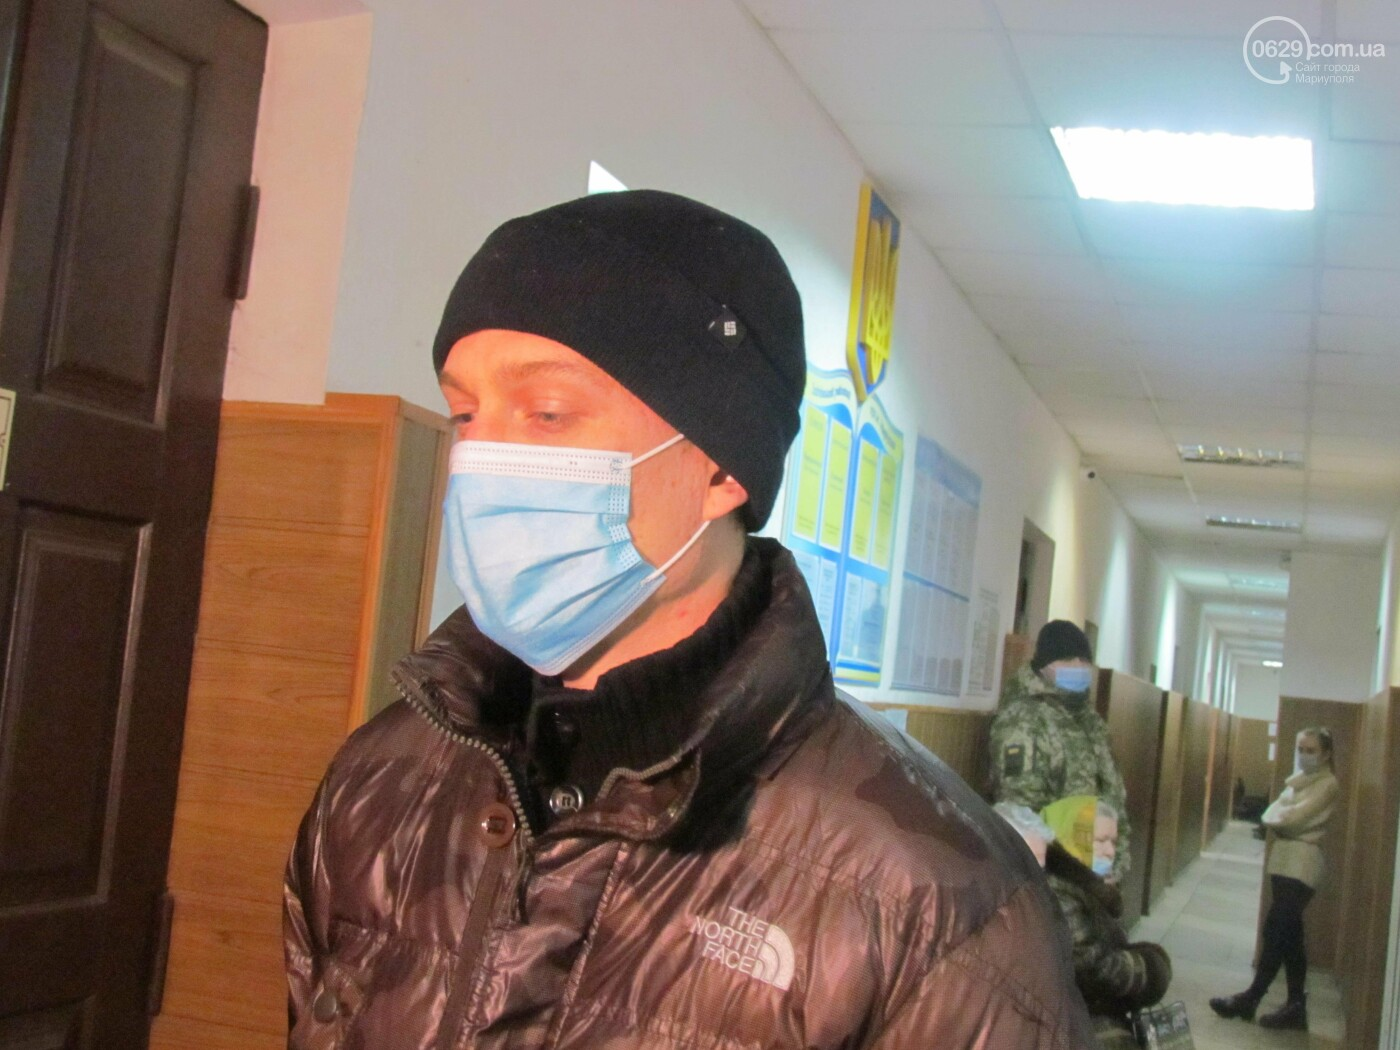 Дело о гибели на заводе Юлии Диковой. Суд заслушал показания свидетелей, - ФОТО, фото-2